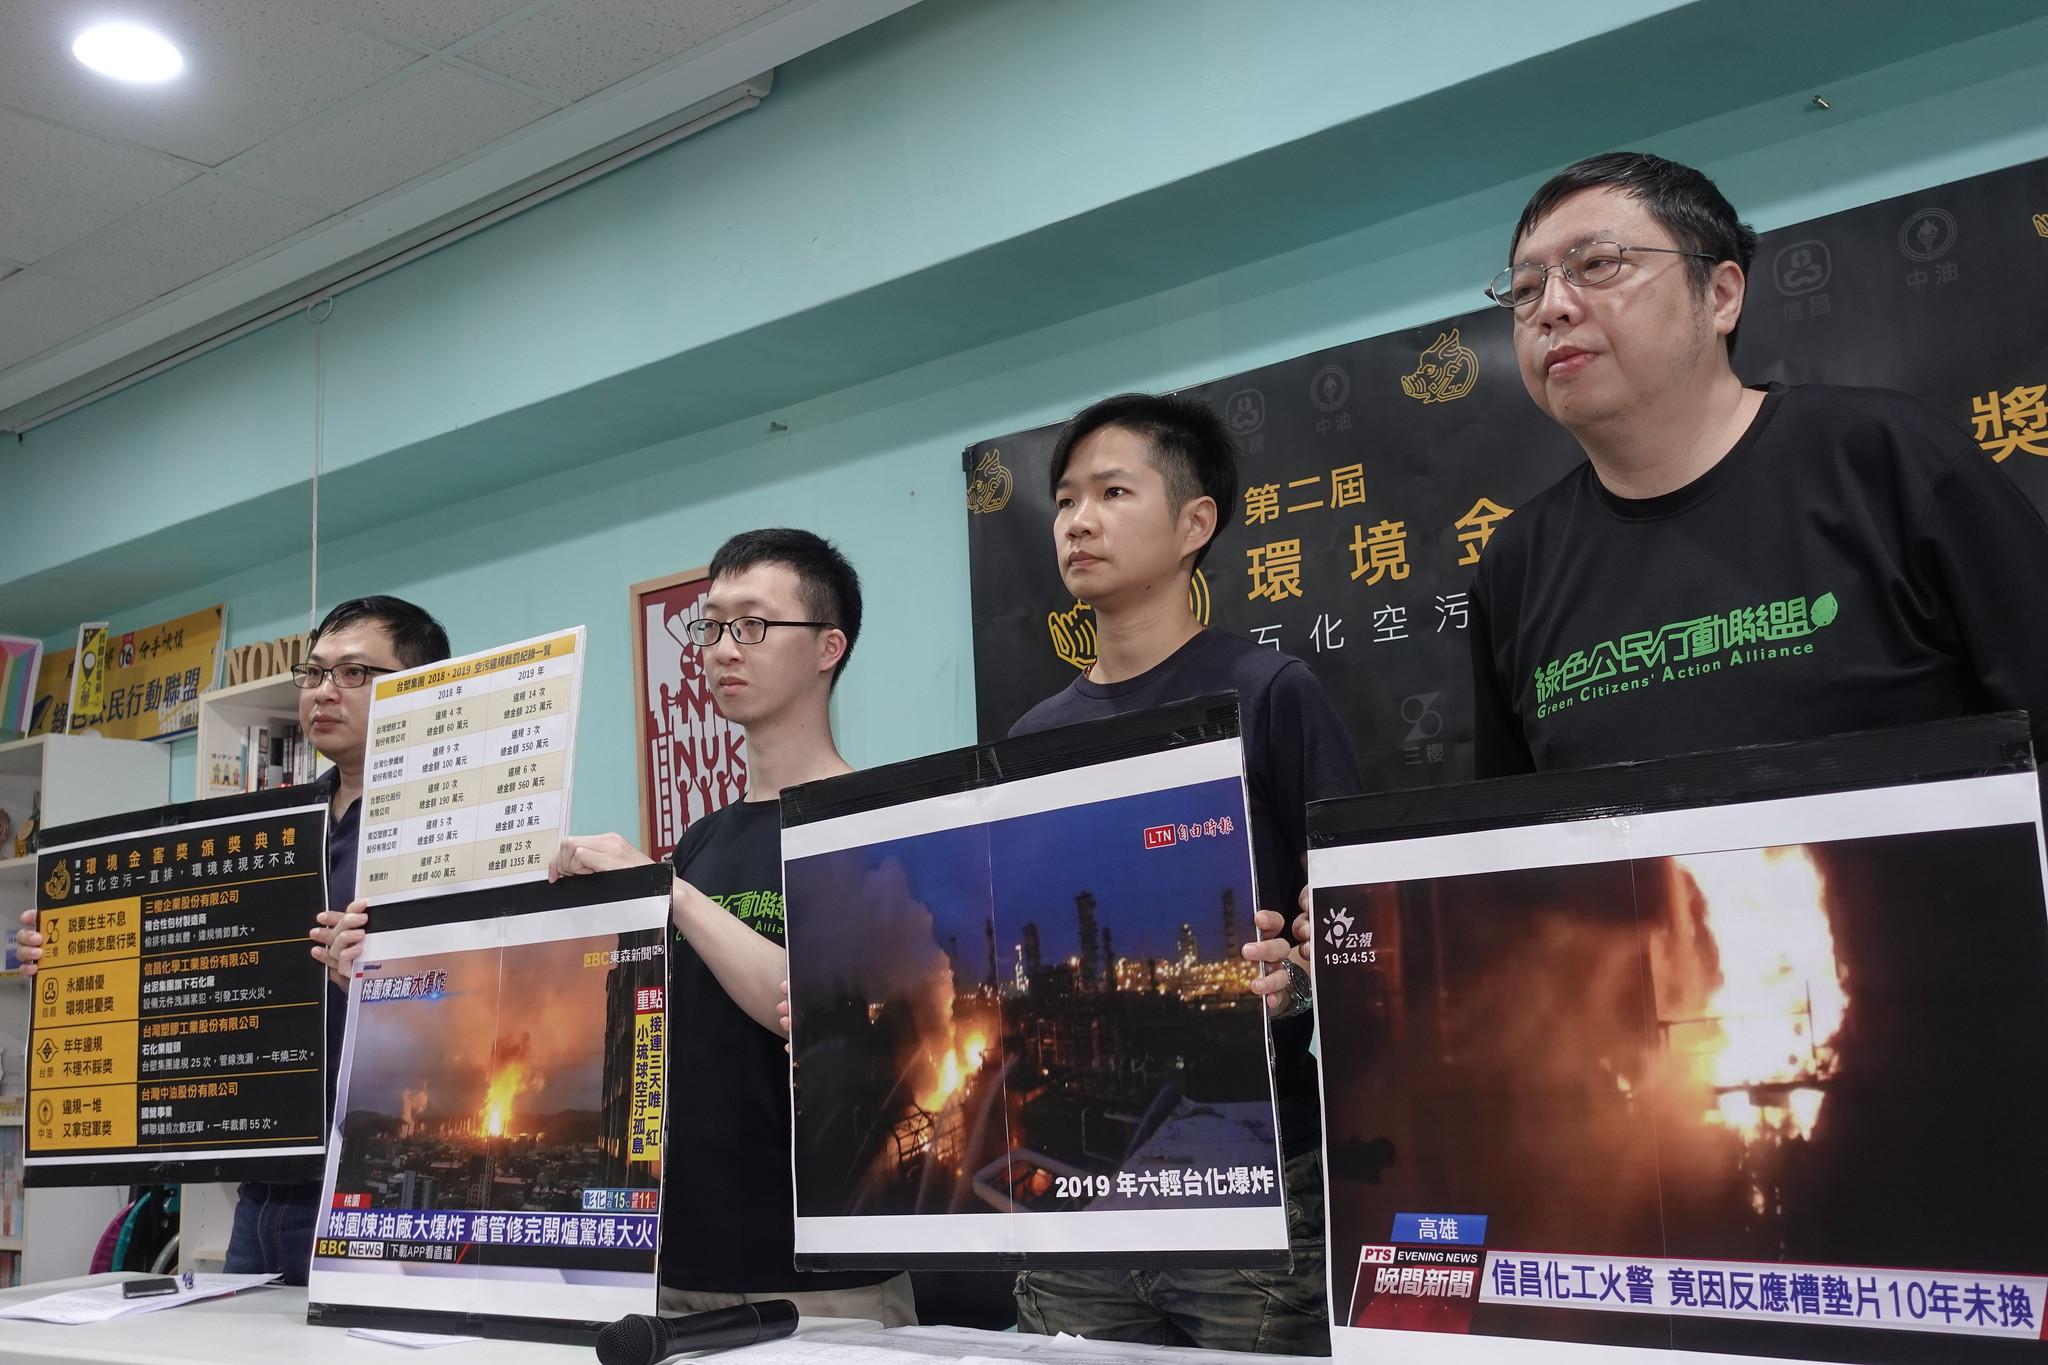 綠色公民行動聯盟召開記者會,公布2019空污違規大戶,其中信昌、台塑去年都發生火災事故。(攝影:張智琦)